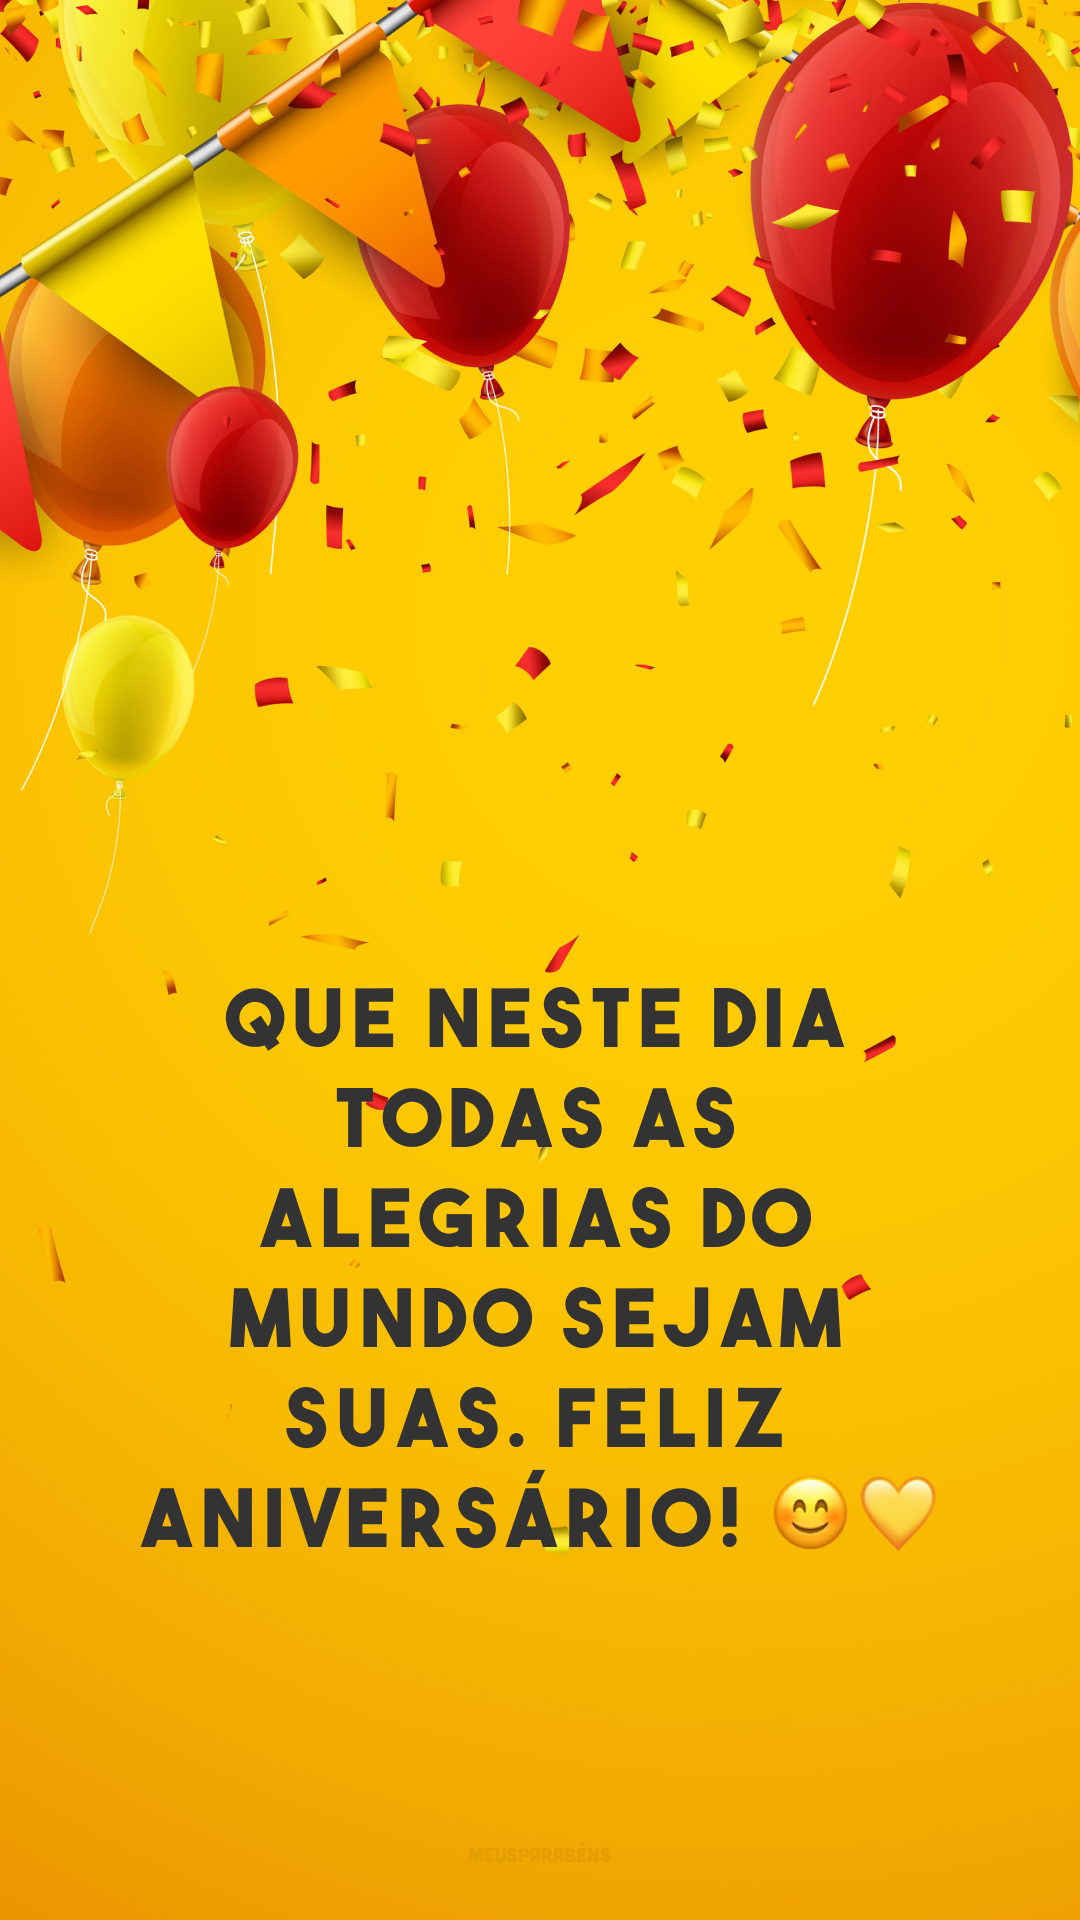 Que neste dia todas as alegrias do mundo sejam suas. Feliz aniversário! 😊💛